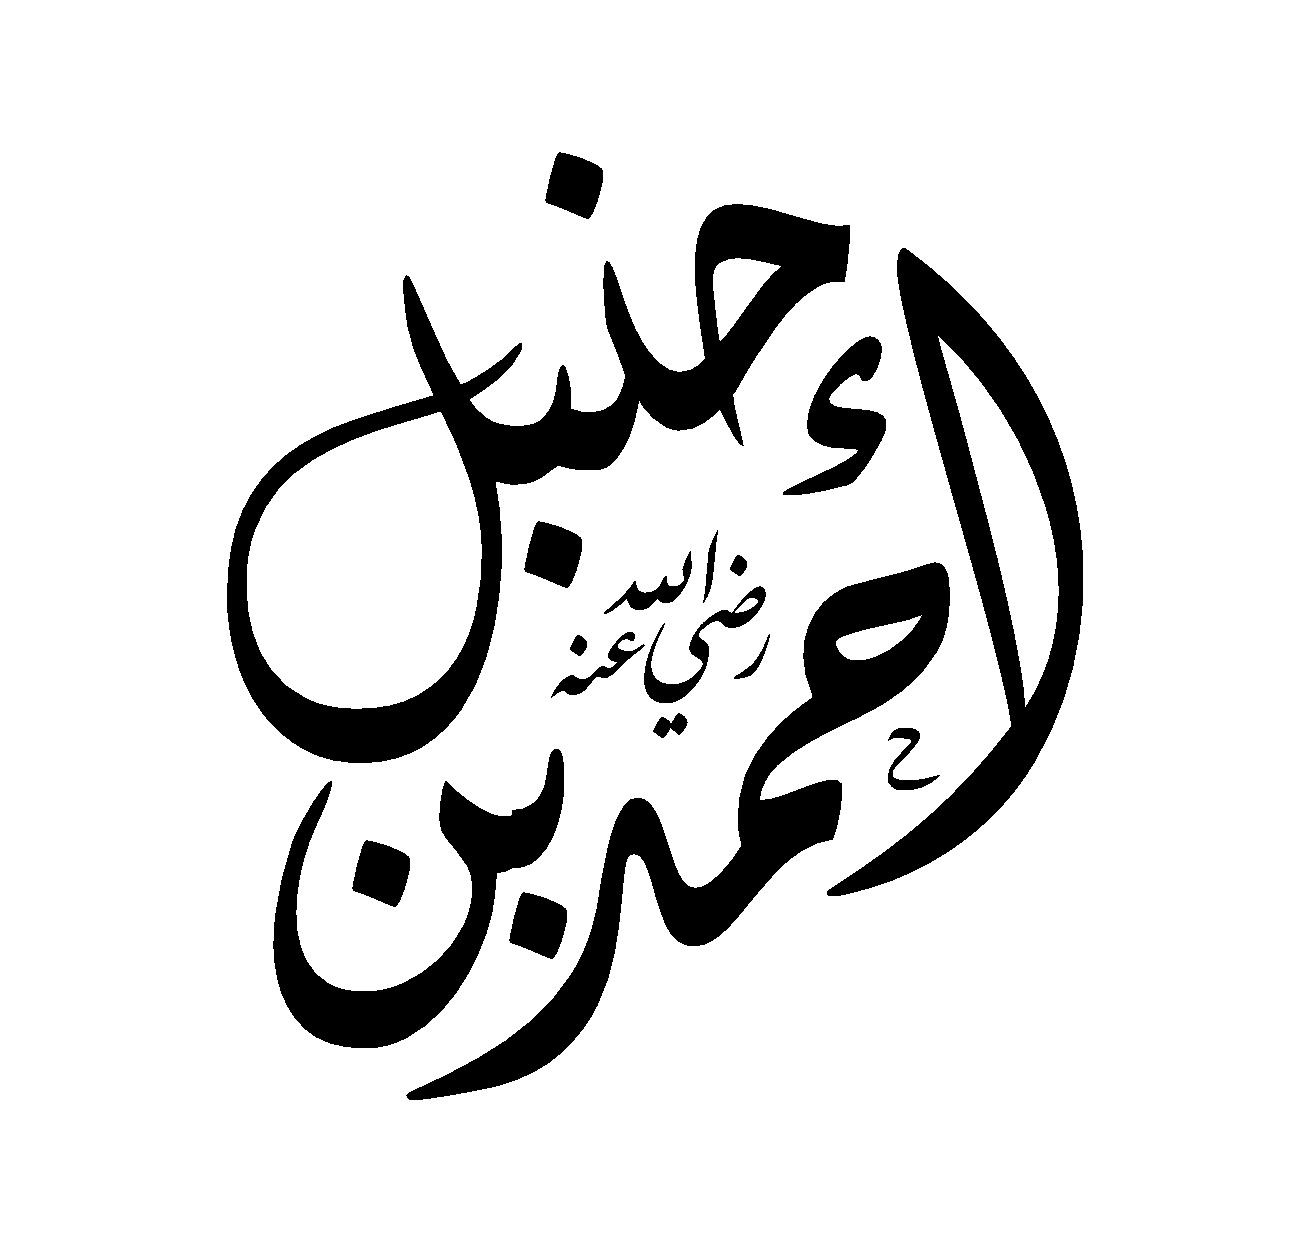 الفتح الرباني لترتيب مسند الإمام أحمد بن حنبل الشيباني الجزء الثاني عشر